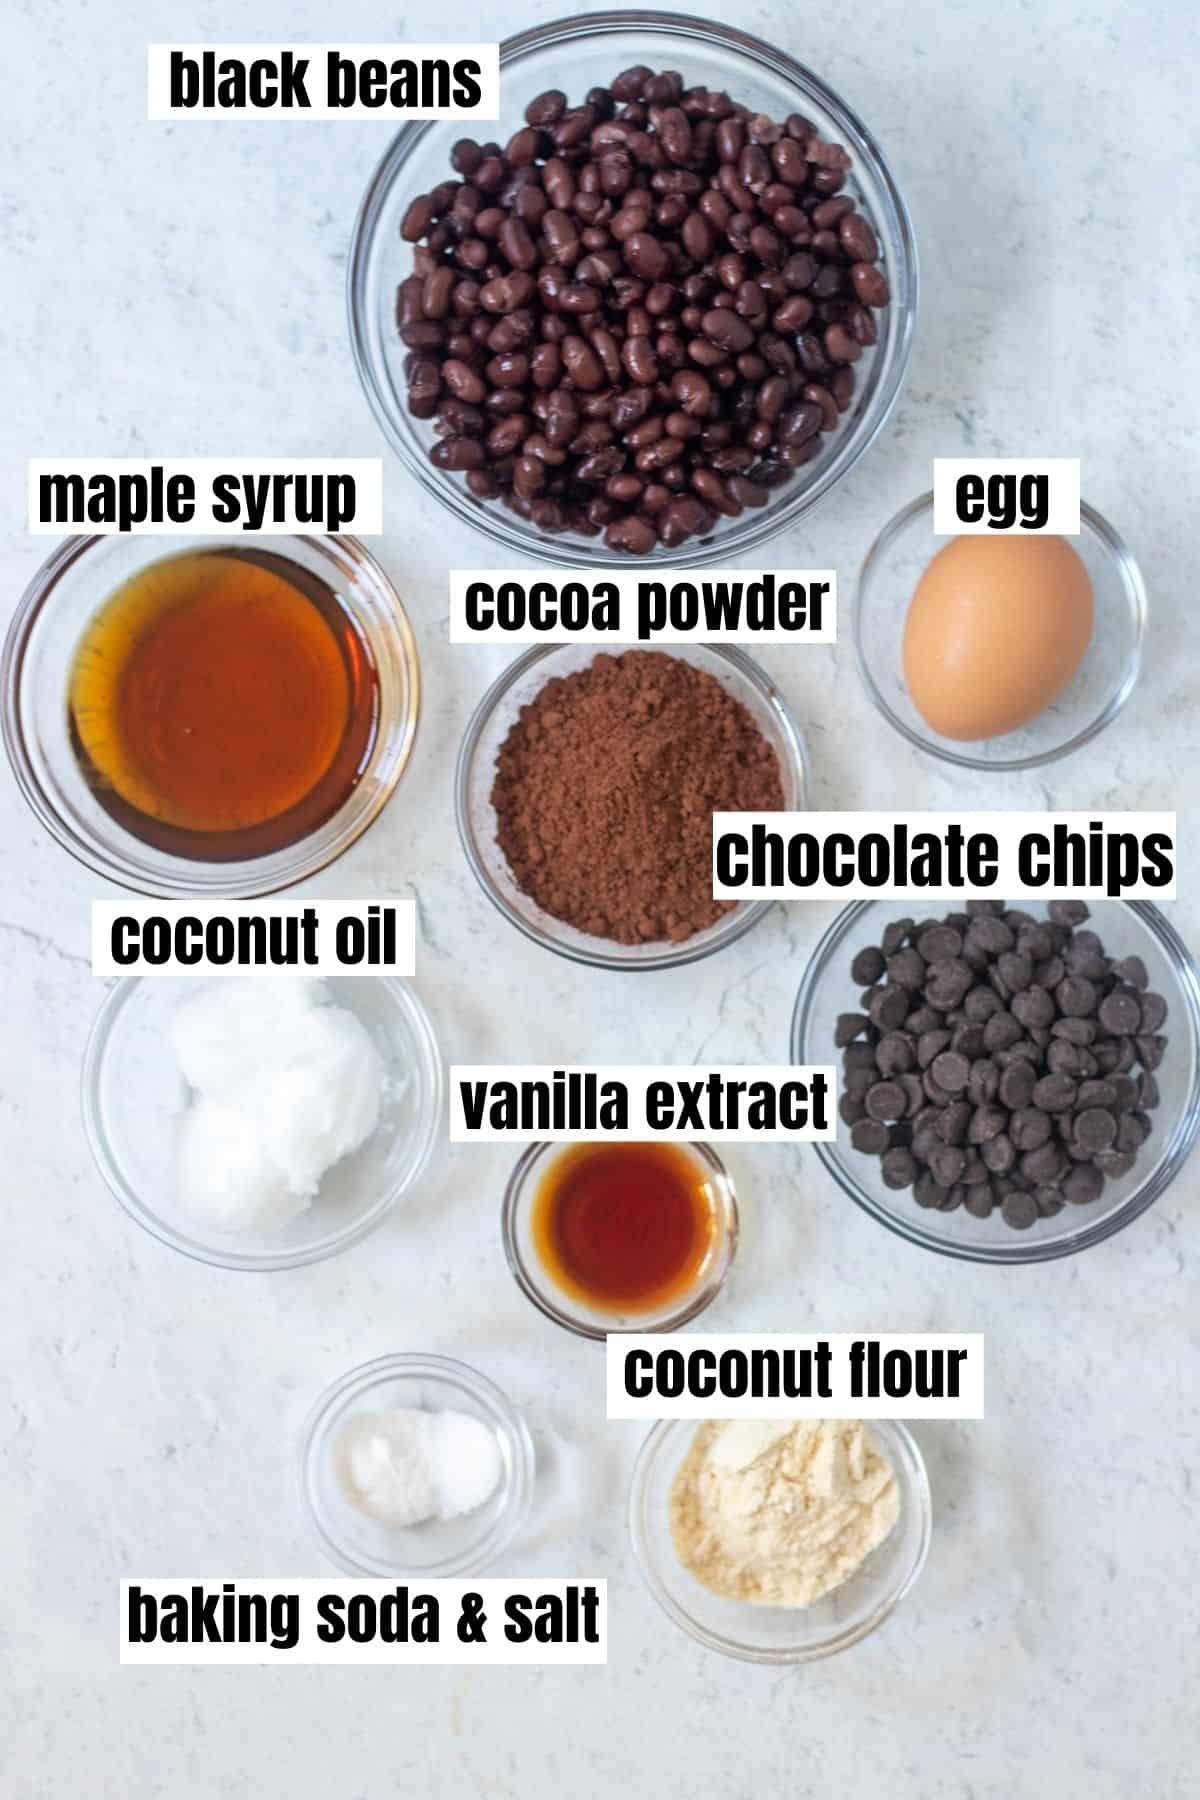 ingredients for black bean cookies